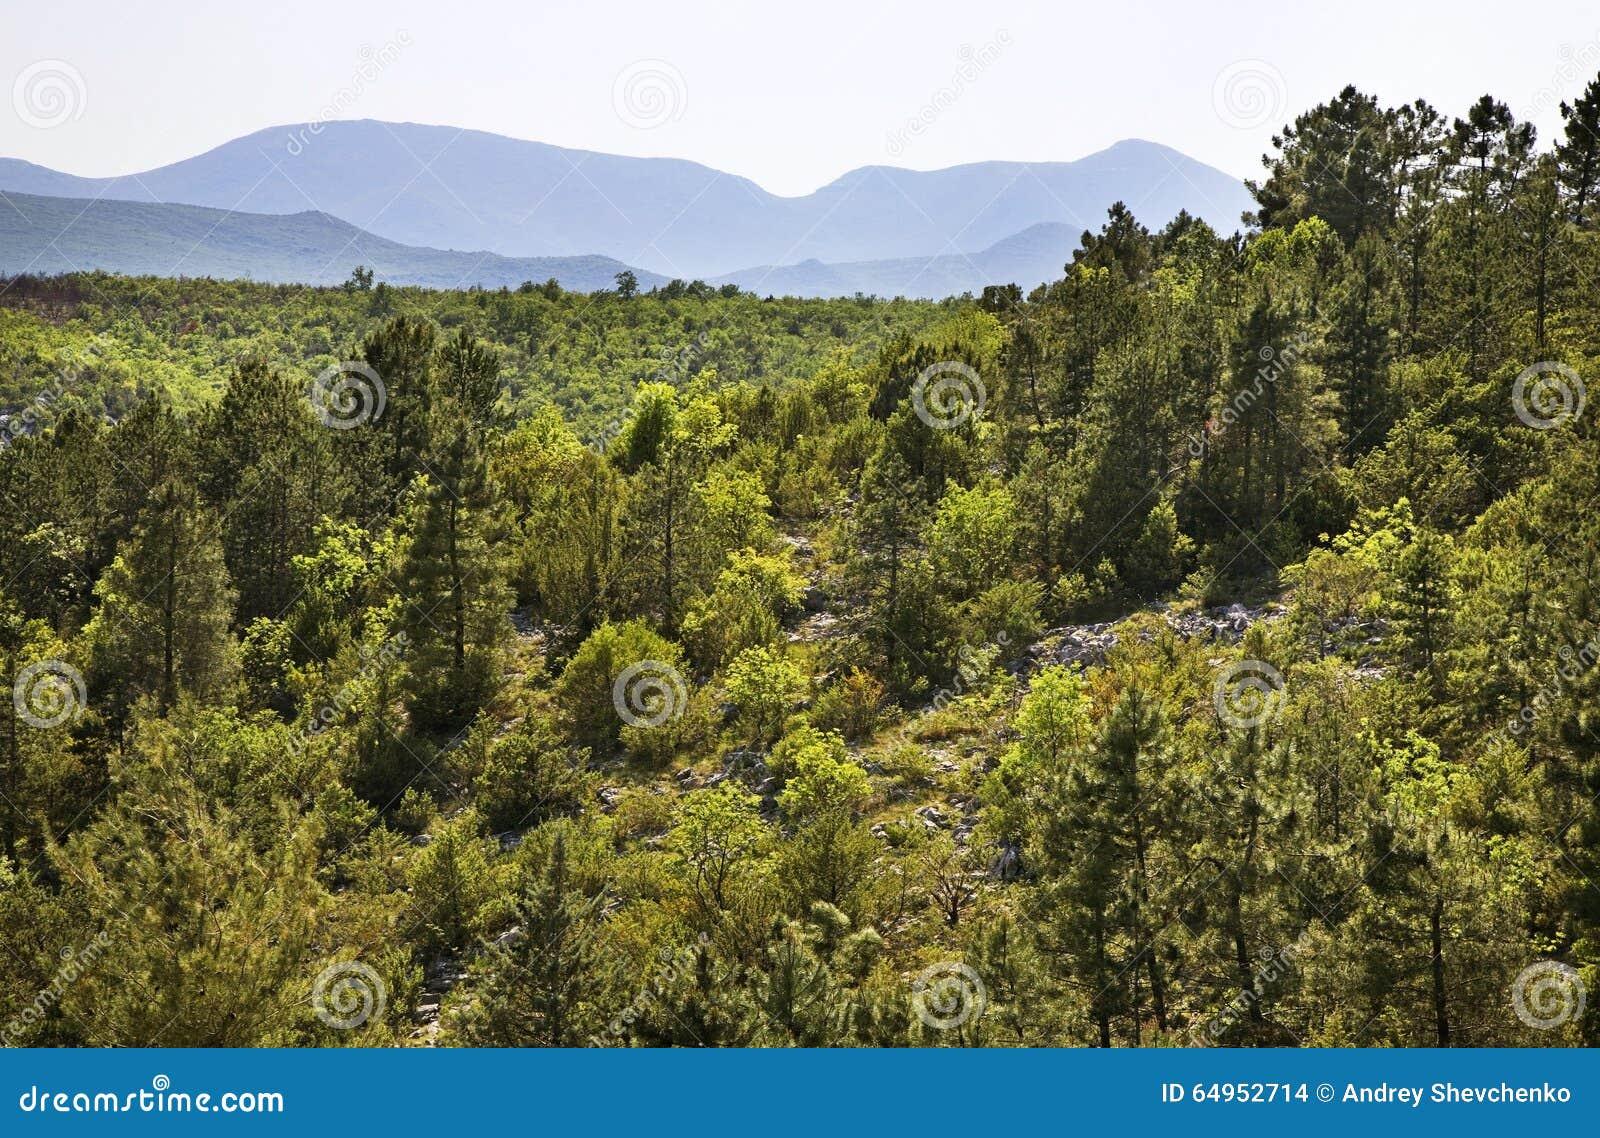 Landskap nära Studenci stämma överens områdesområden som Bosnien gemet färgade greyed herzegovina inkluderar viktigt, planera ut